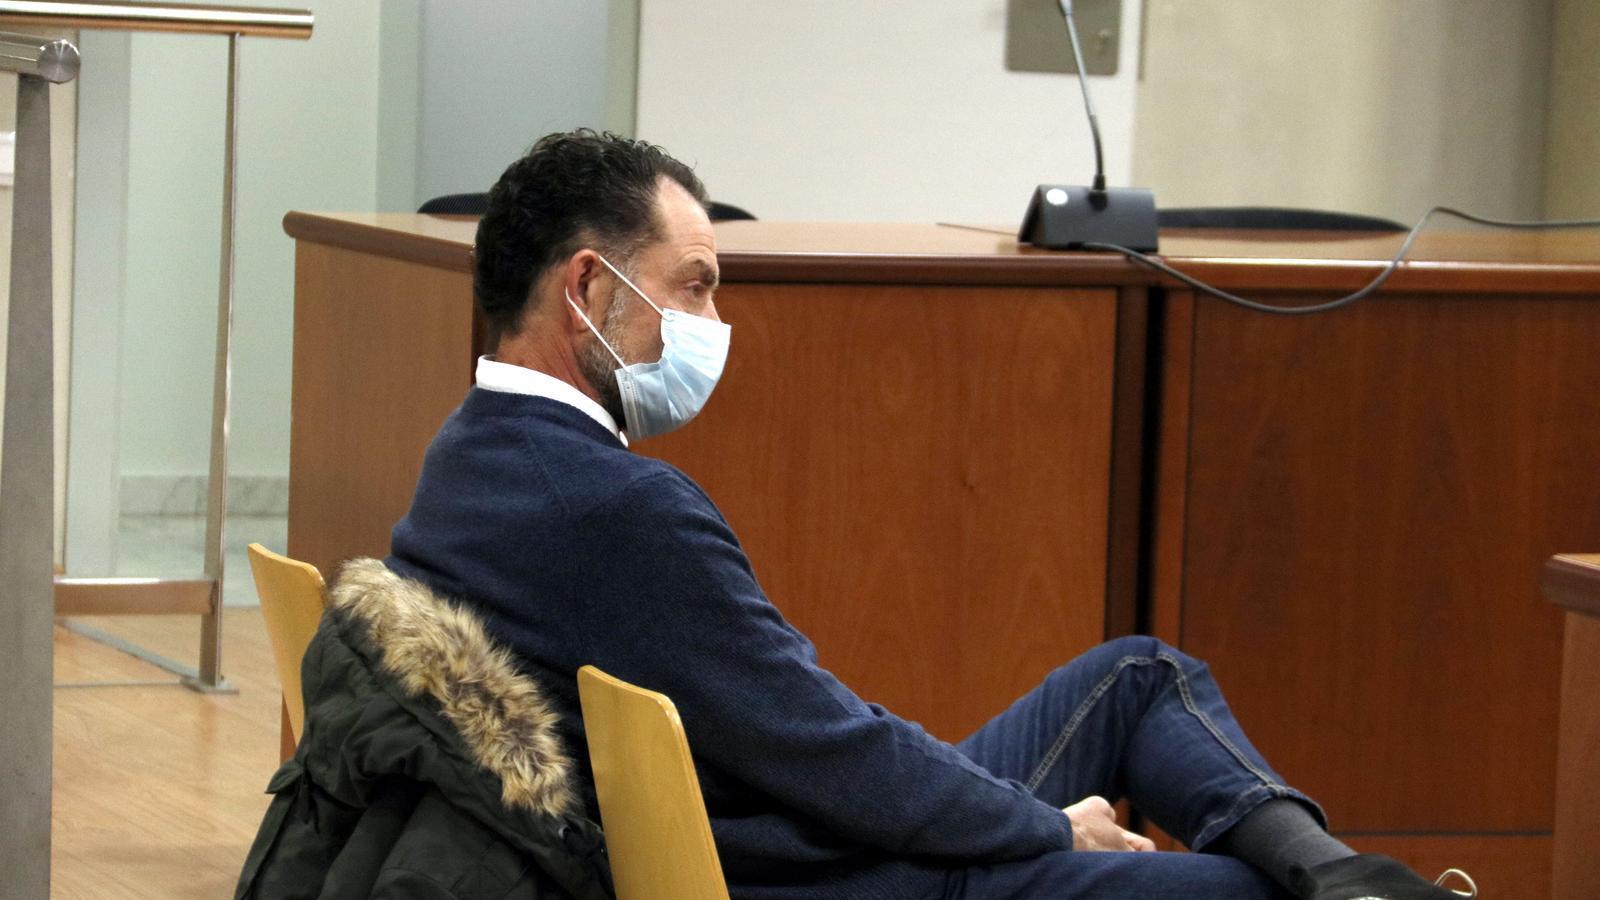 Pla obert de l'acusat d'abusar de discapacitats durant el judici a l'Audiència de Lleida.